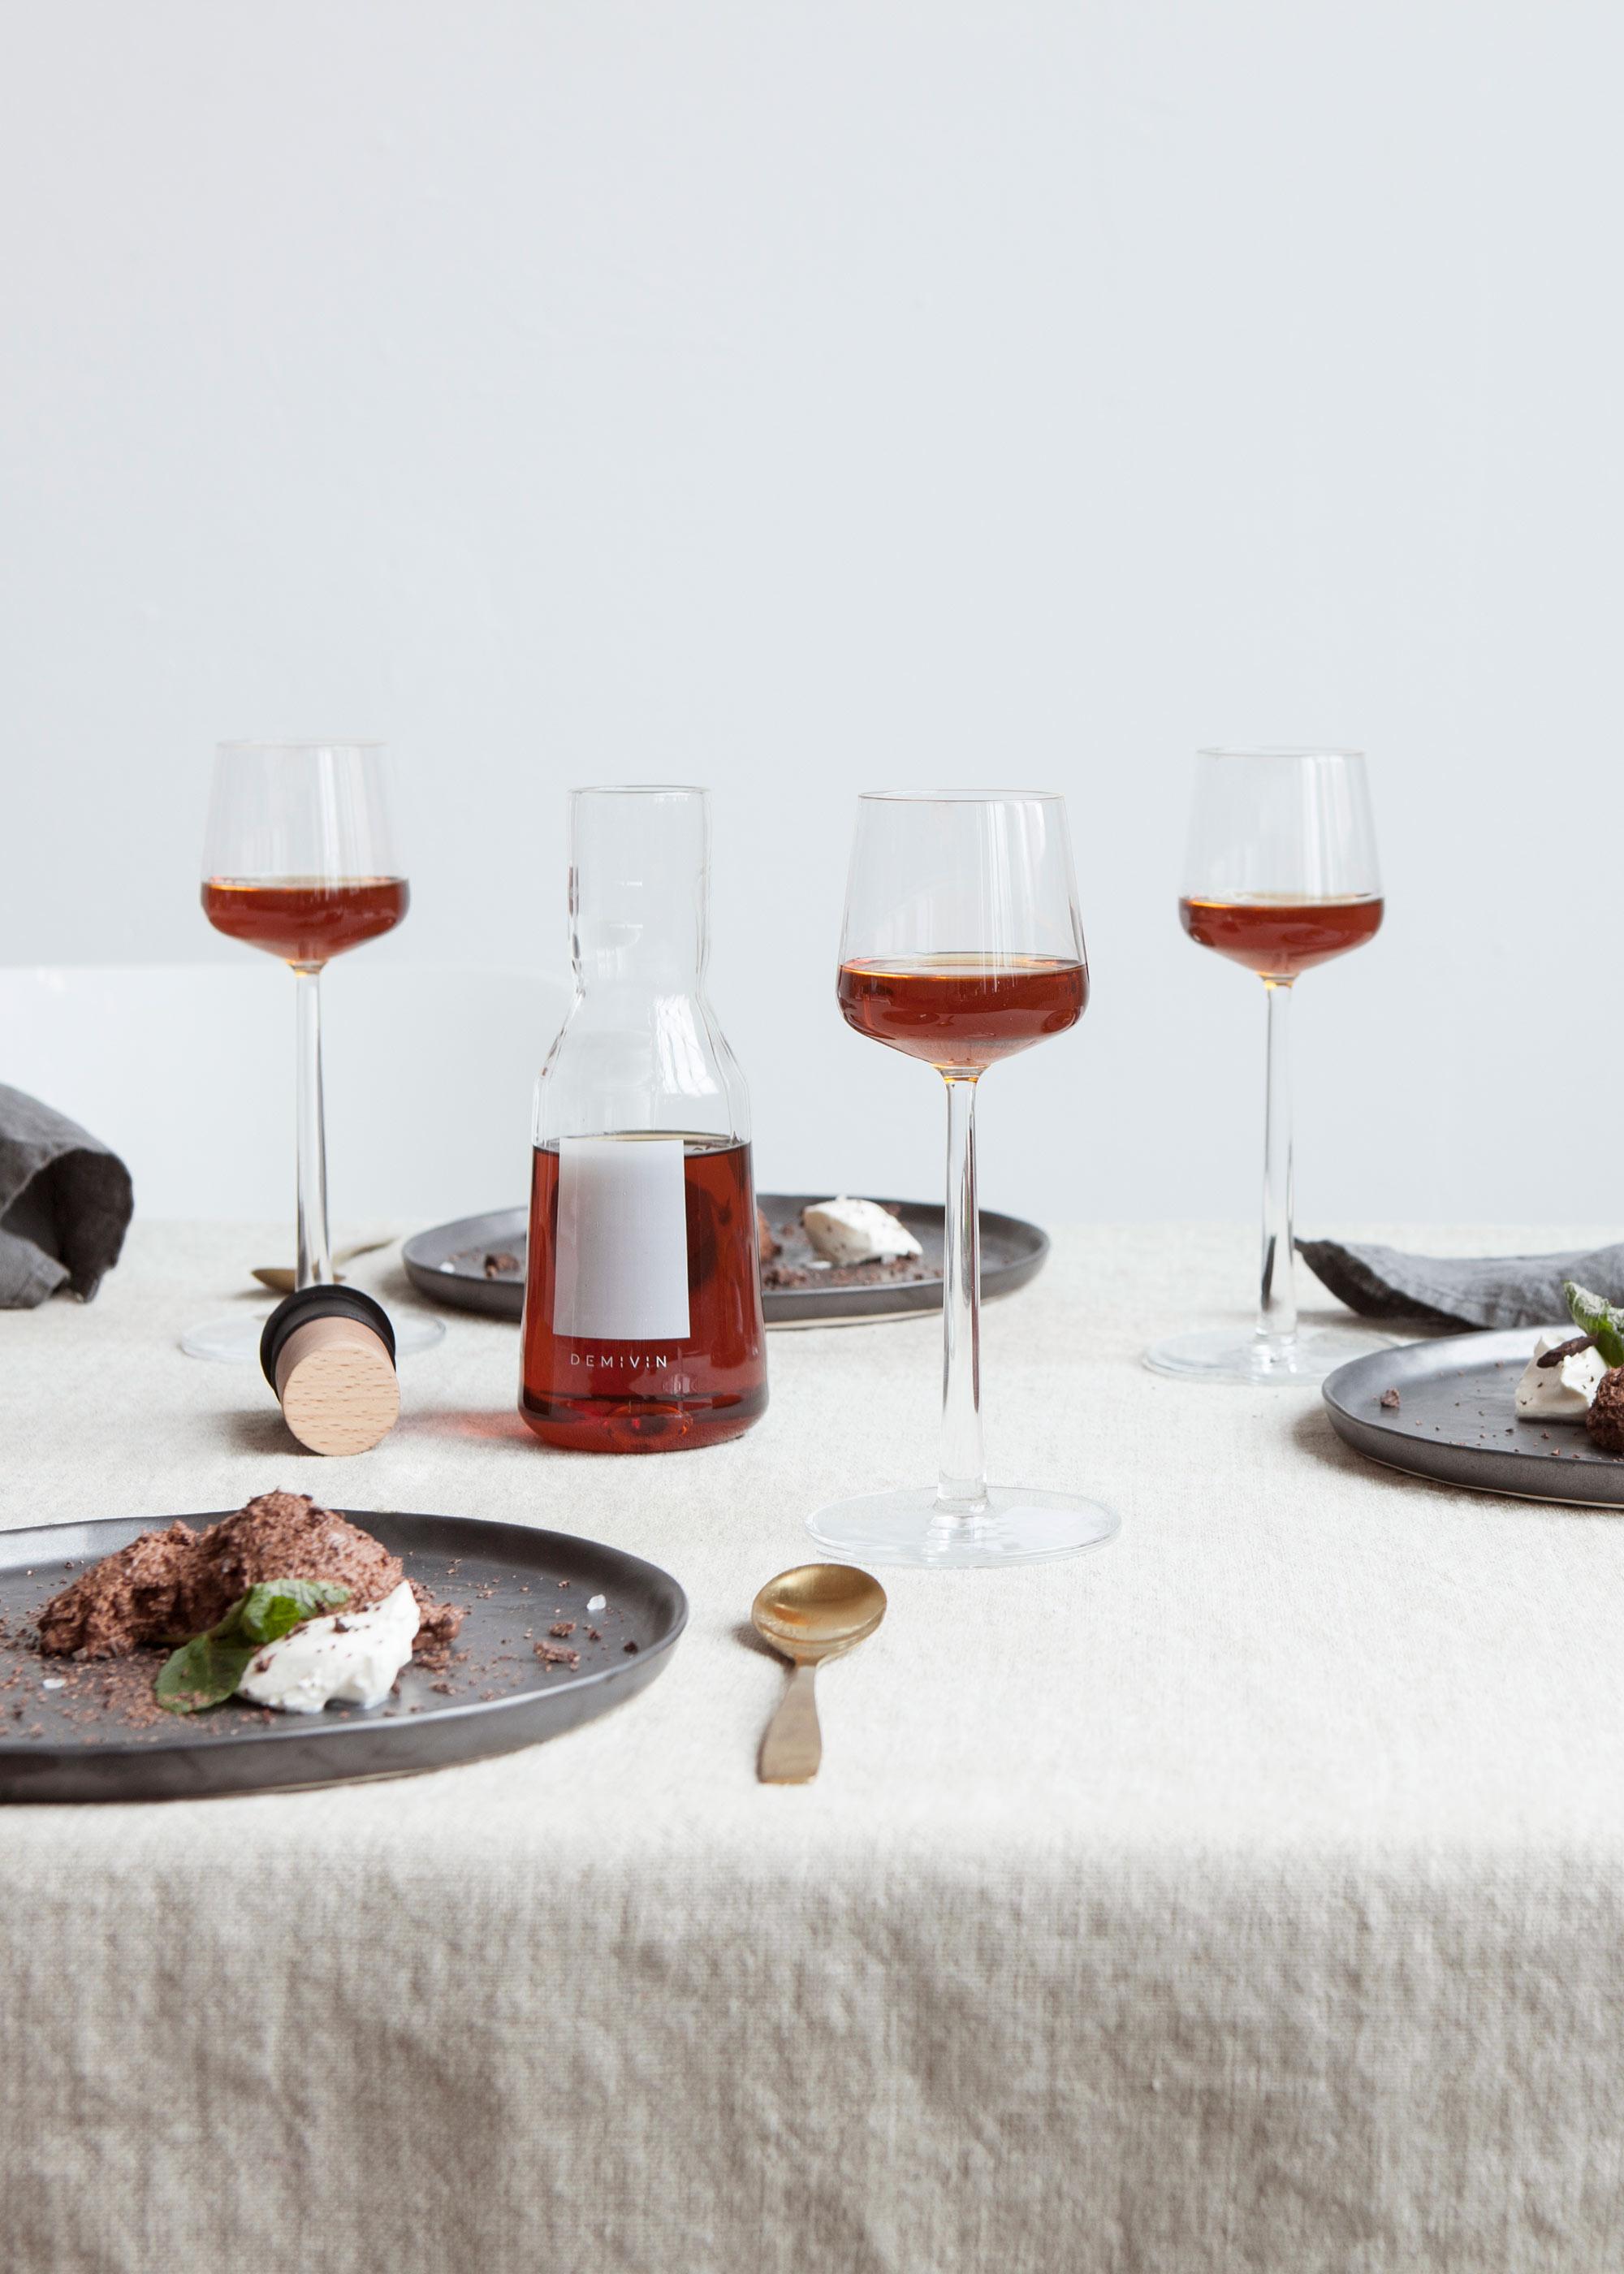 geopende rosé wijn bewaren in de Demivin